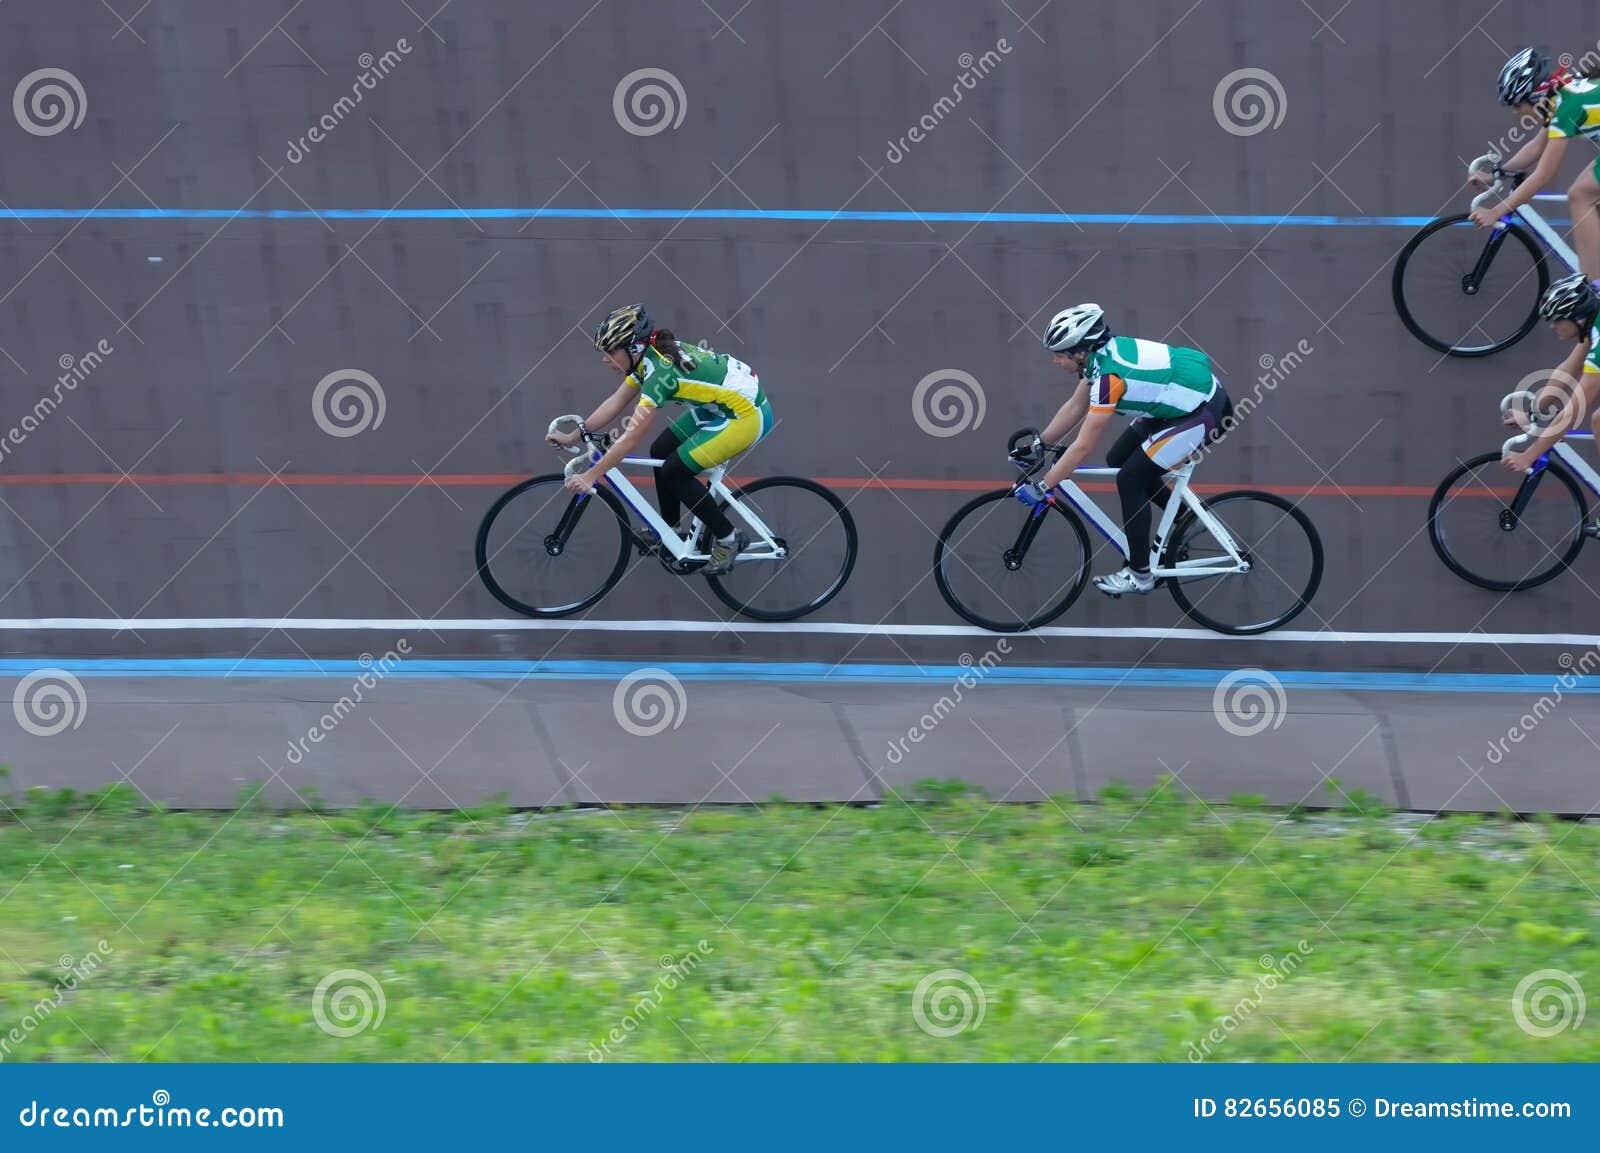 Задействуя команда приходит повернуть дальше след Велосипедист в тренировке Gr